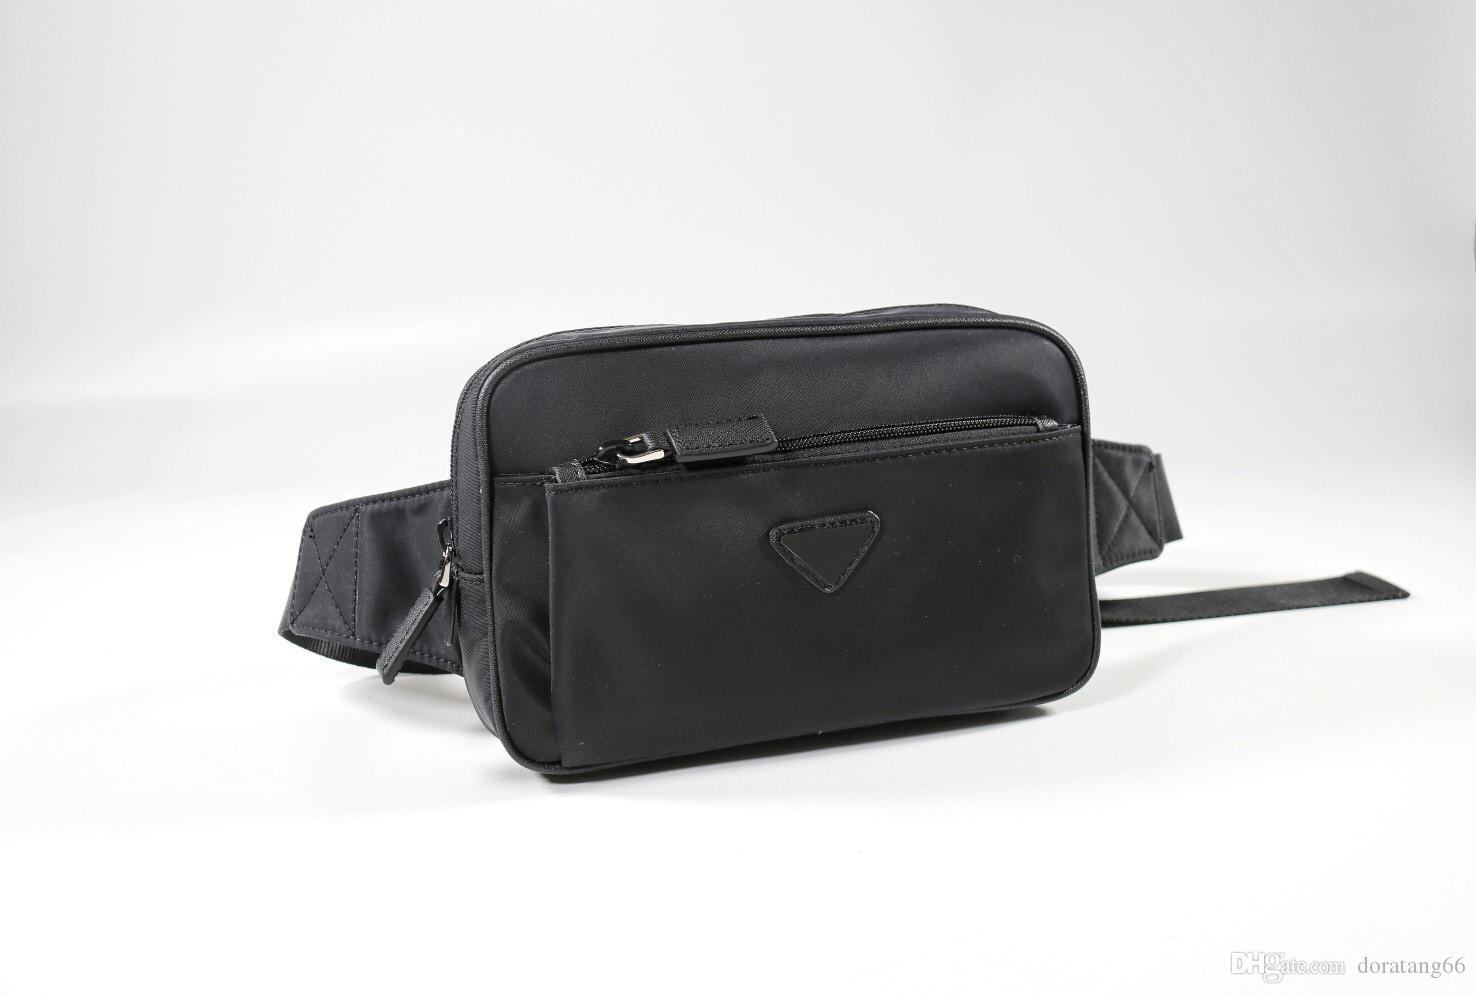 Doratang Wholesales design de luxe sacs à dos hommes concepteur de sac de la poitrine des femmes de taille des sacs pour les hommes et les femmes de style chaud 7